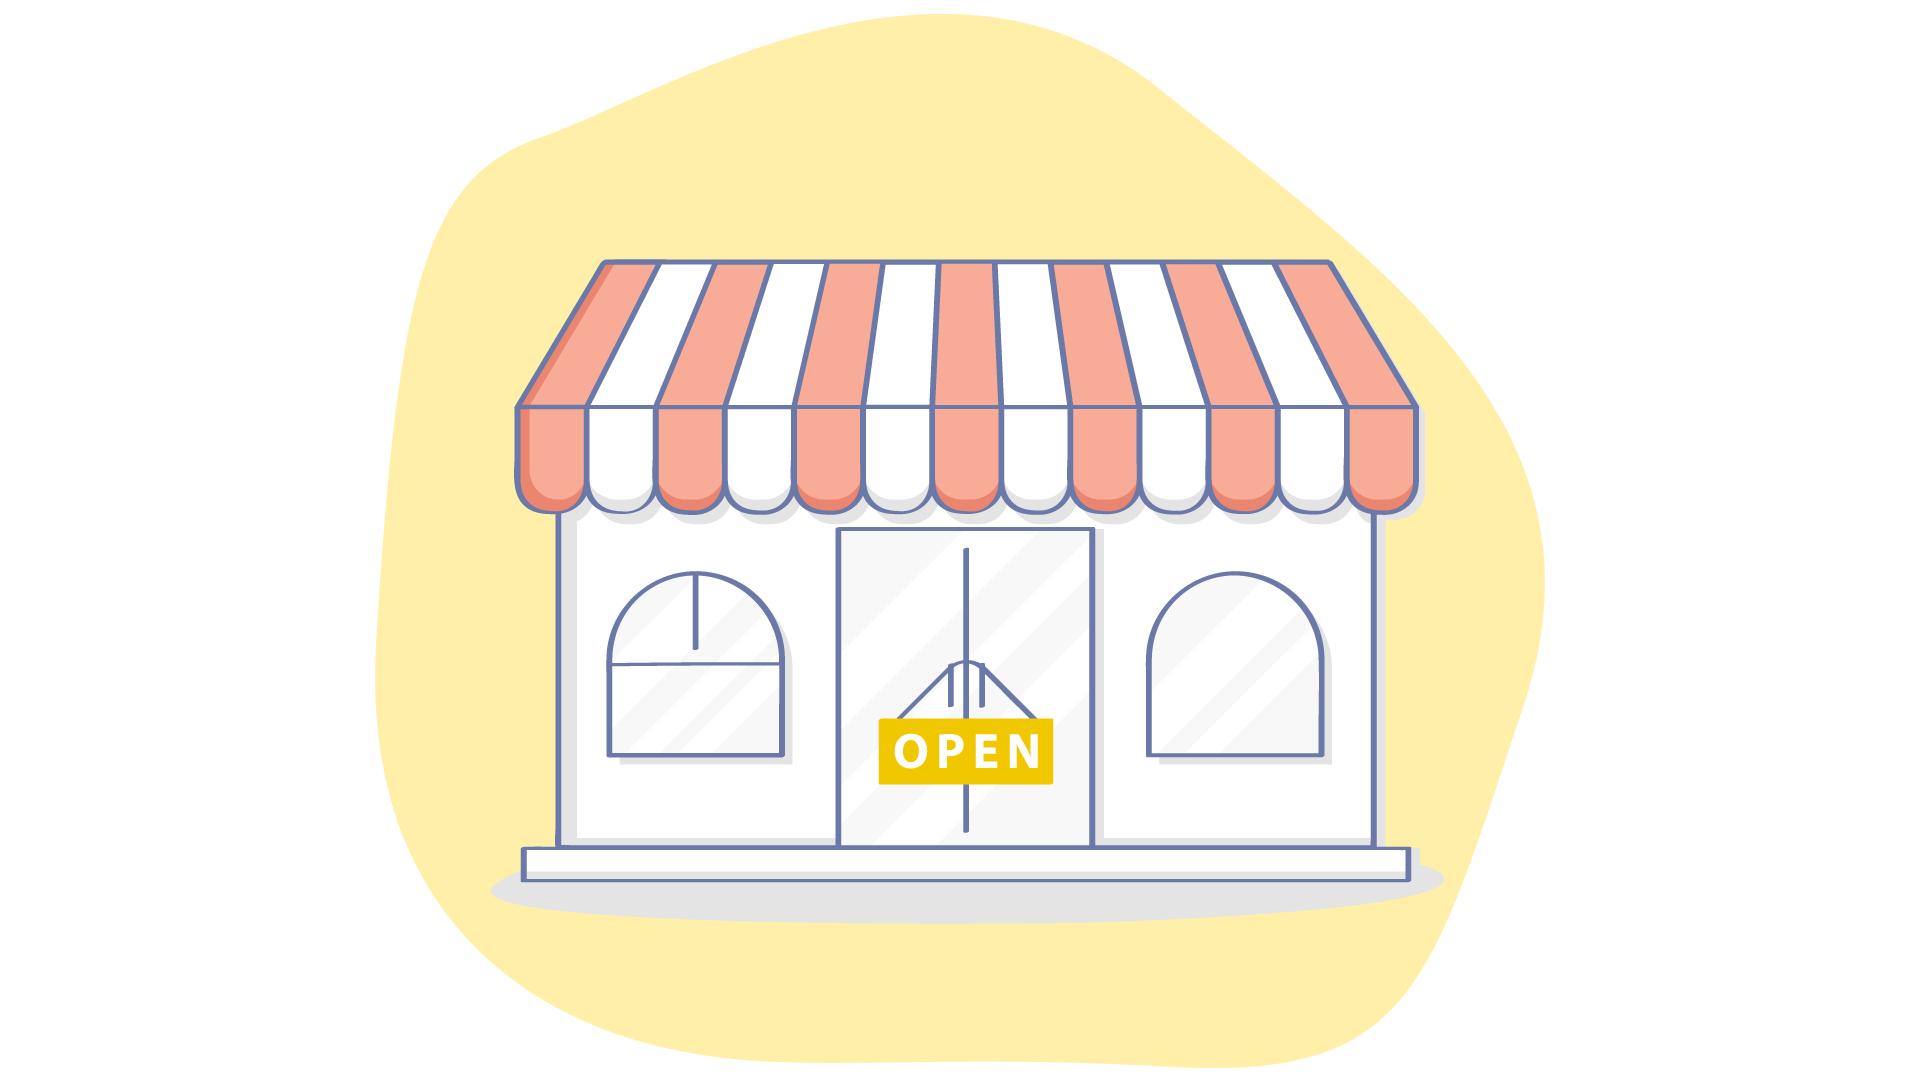 ¿Qué cláusulas debe contener el contrato de arrendamiento de local de negocio o comercial?